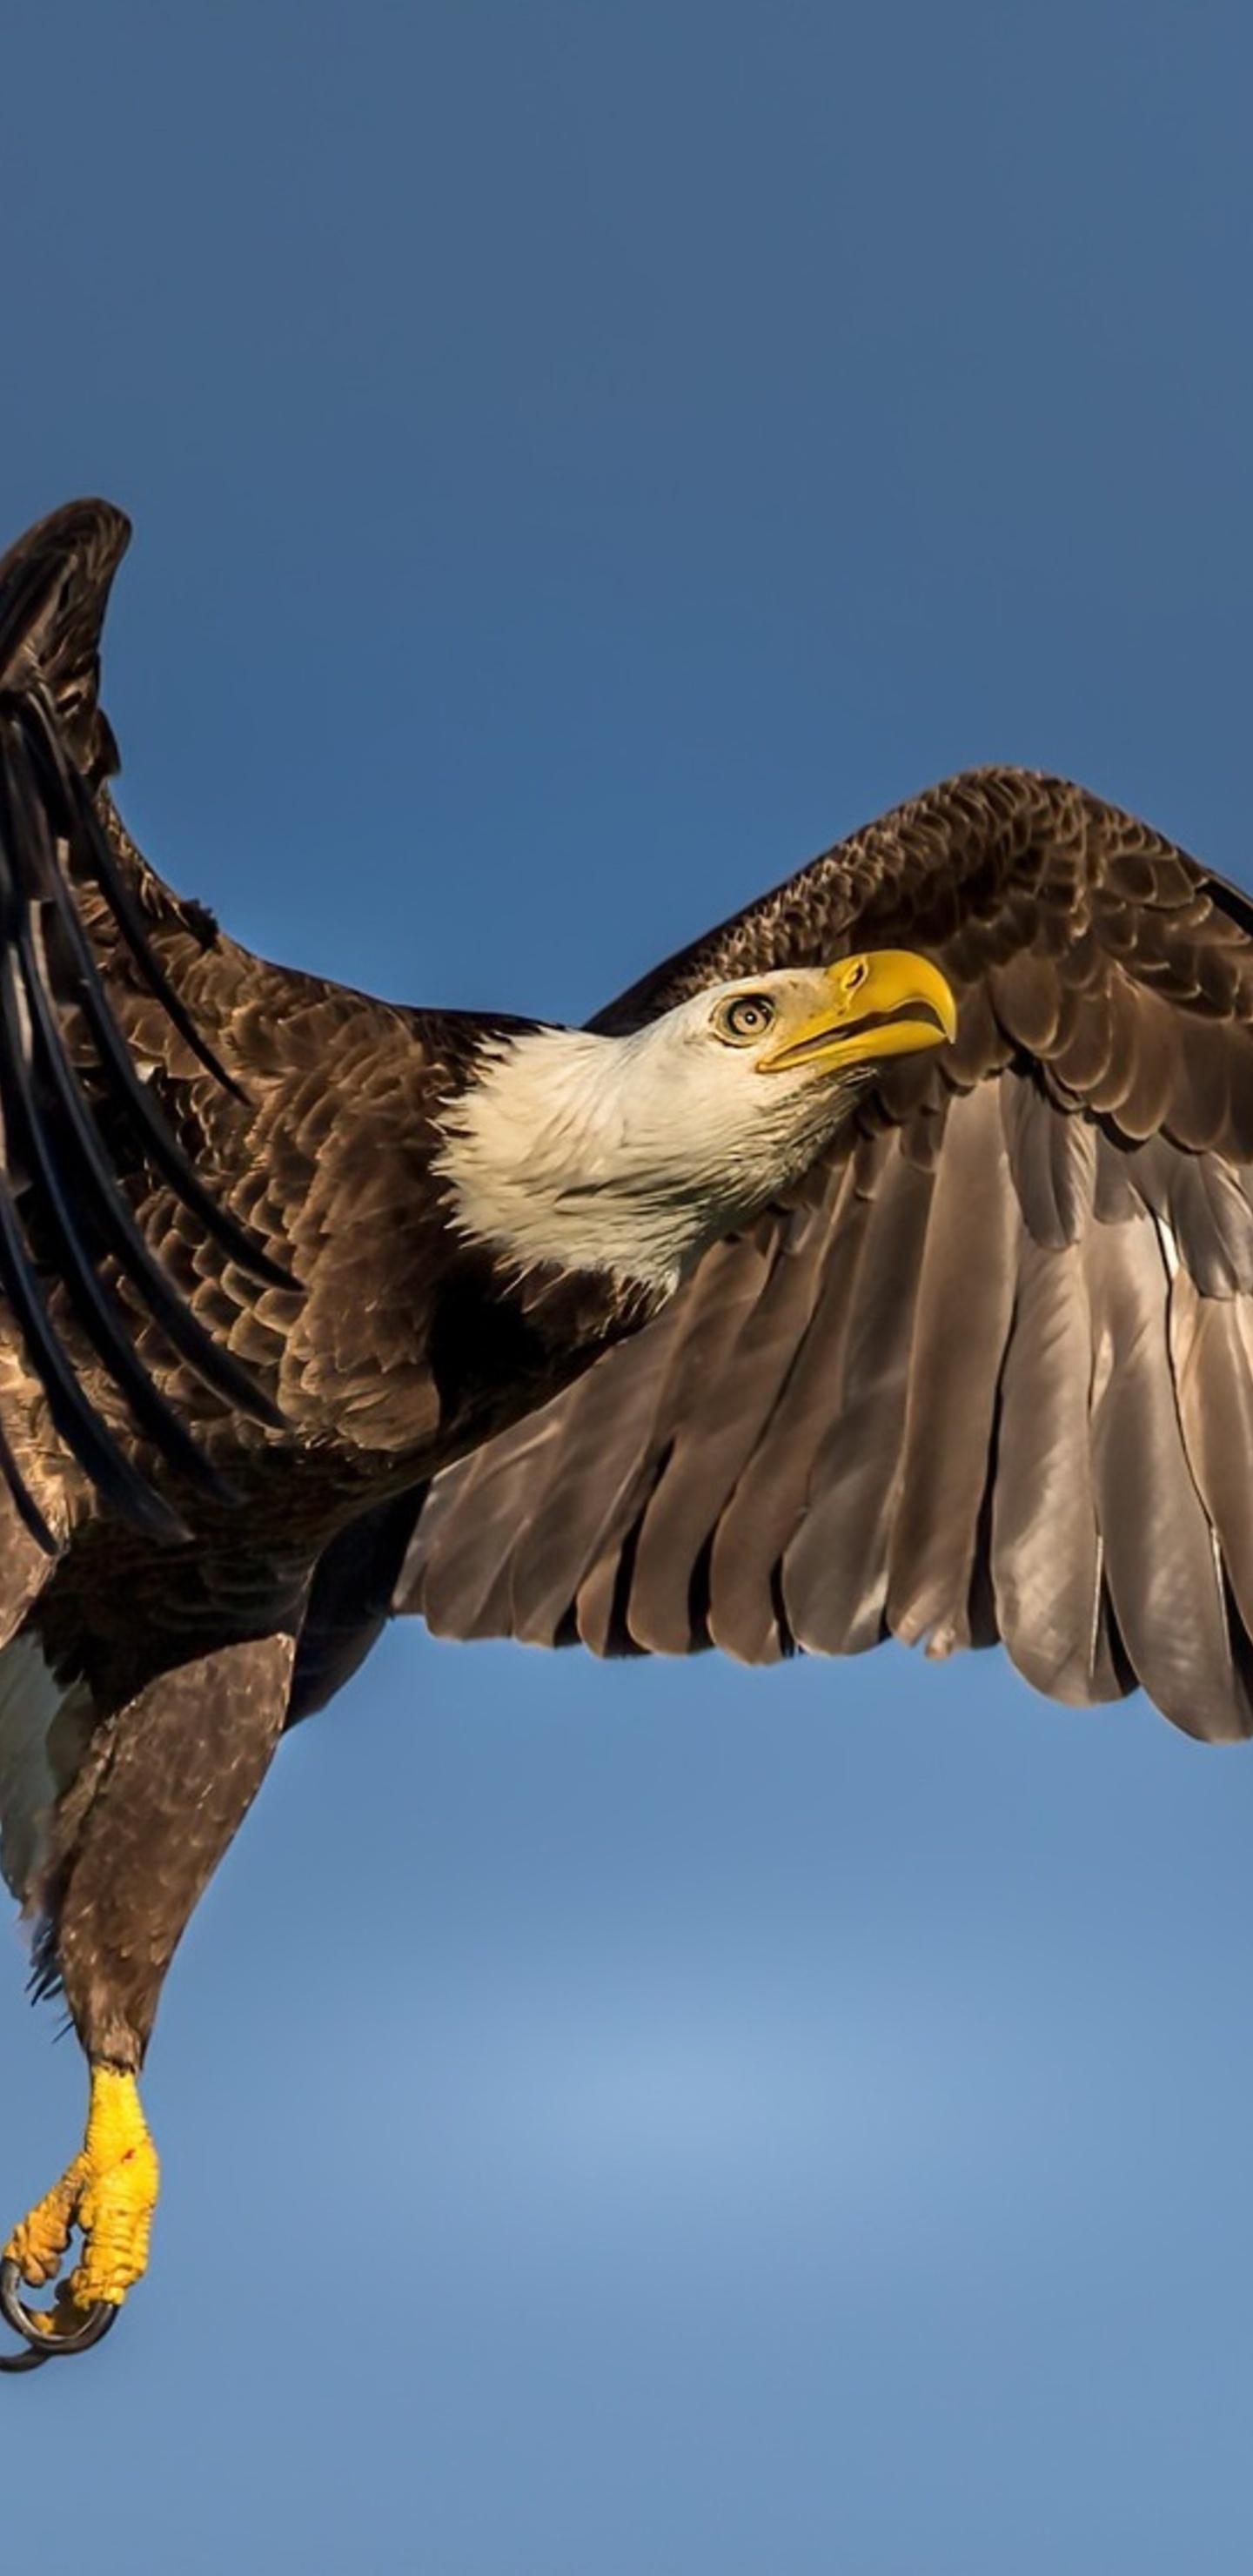 eagle-wings-open-3i.jpg